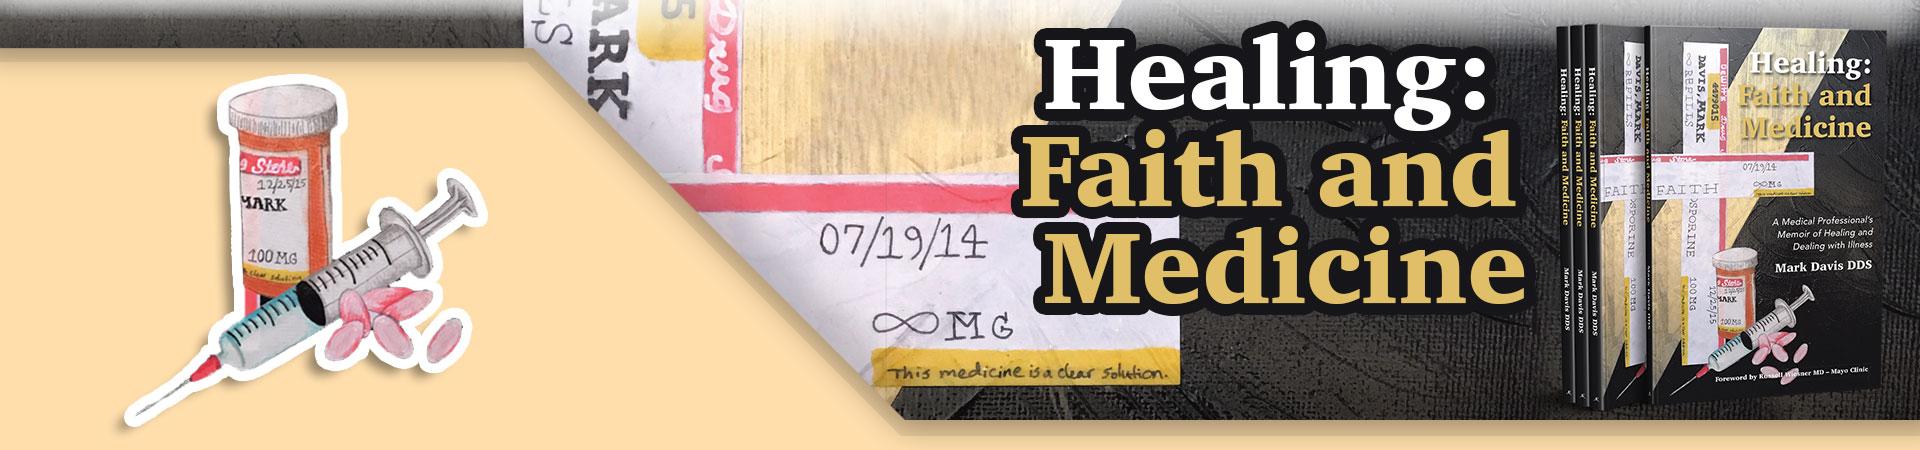 http://www.healingfaithandmedicine.com/wp-content/uploads/2017/11/Banner-A.jpg